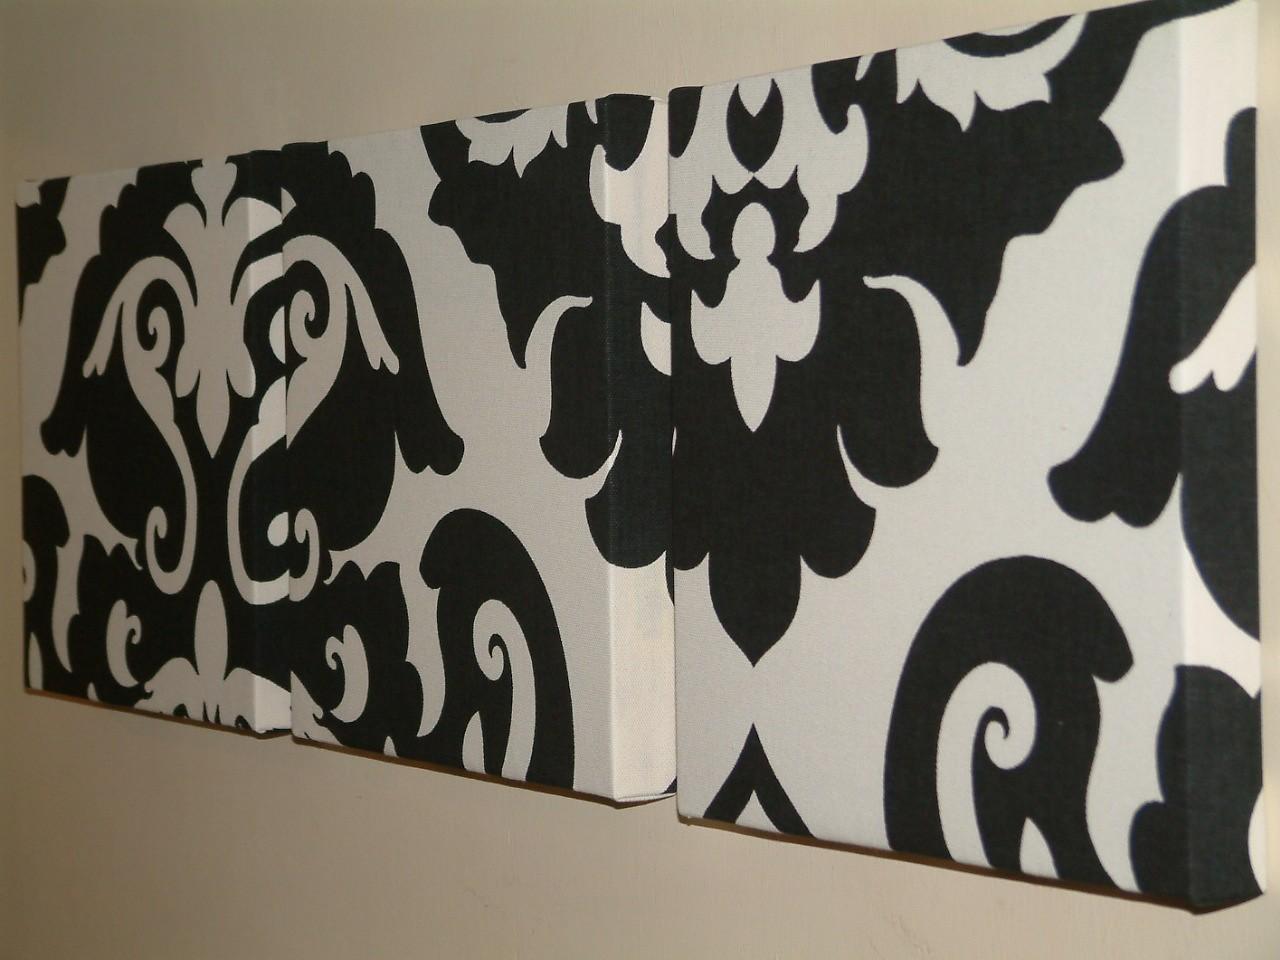 wallpaper hd wallpapers wallpaper for your desktop smartphone tablet 1280x960